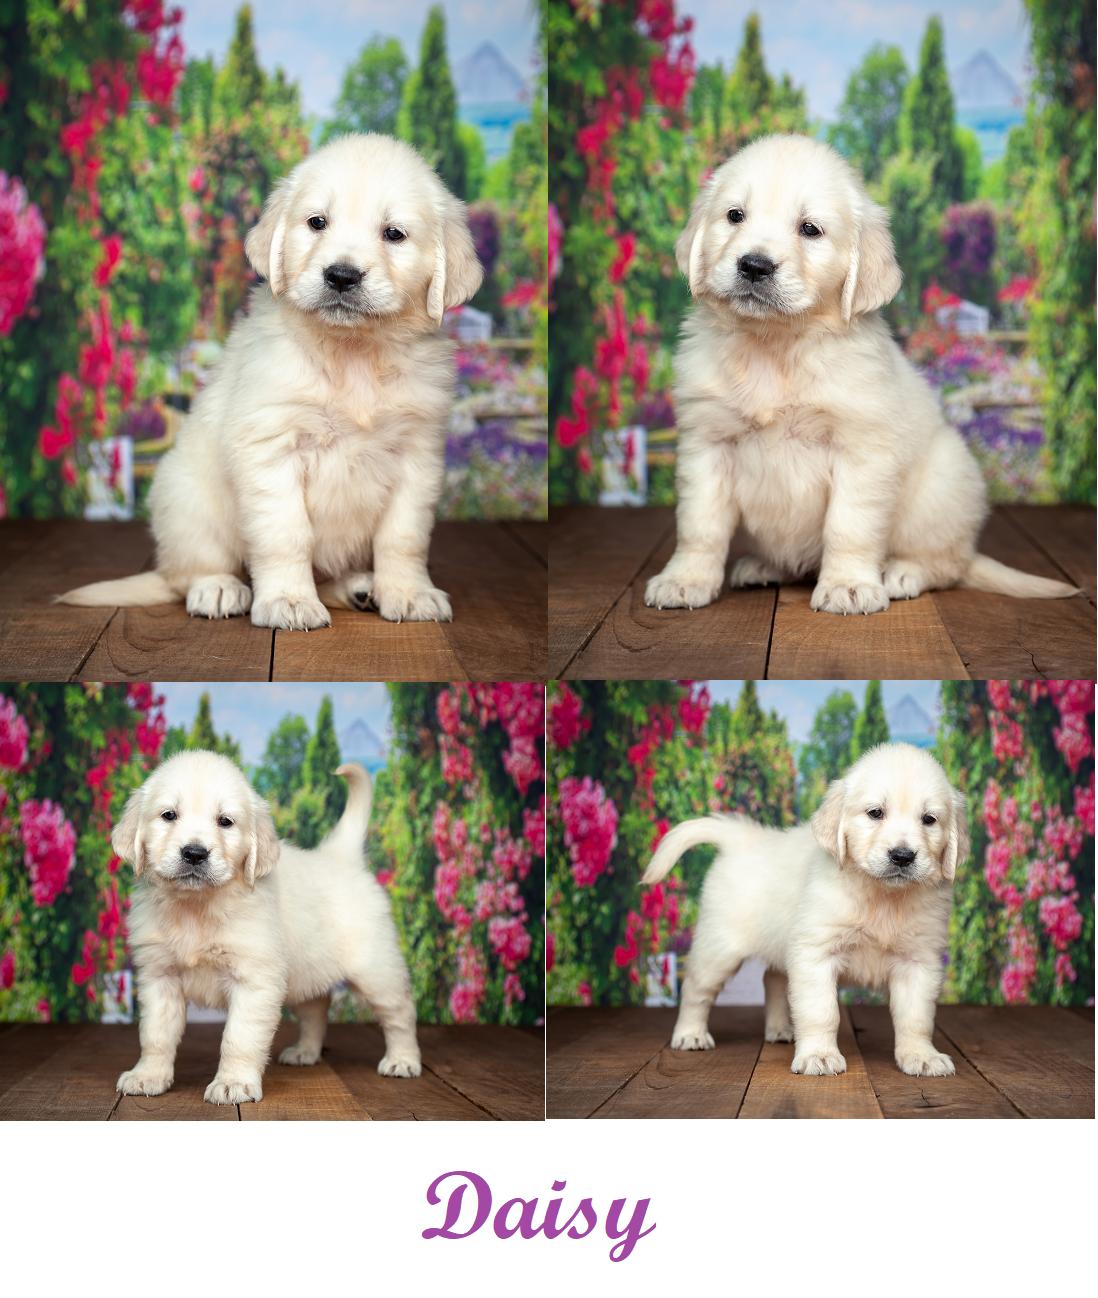 Daisy by Izum & Sunny